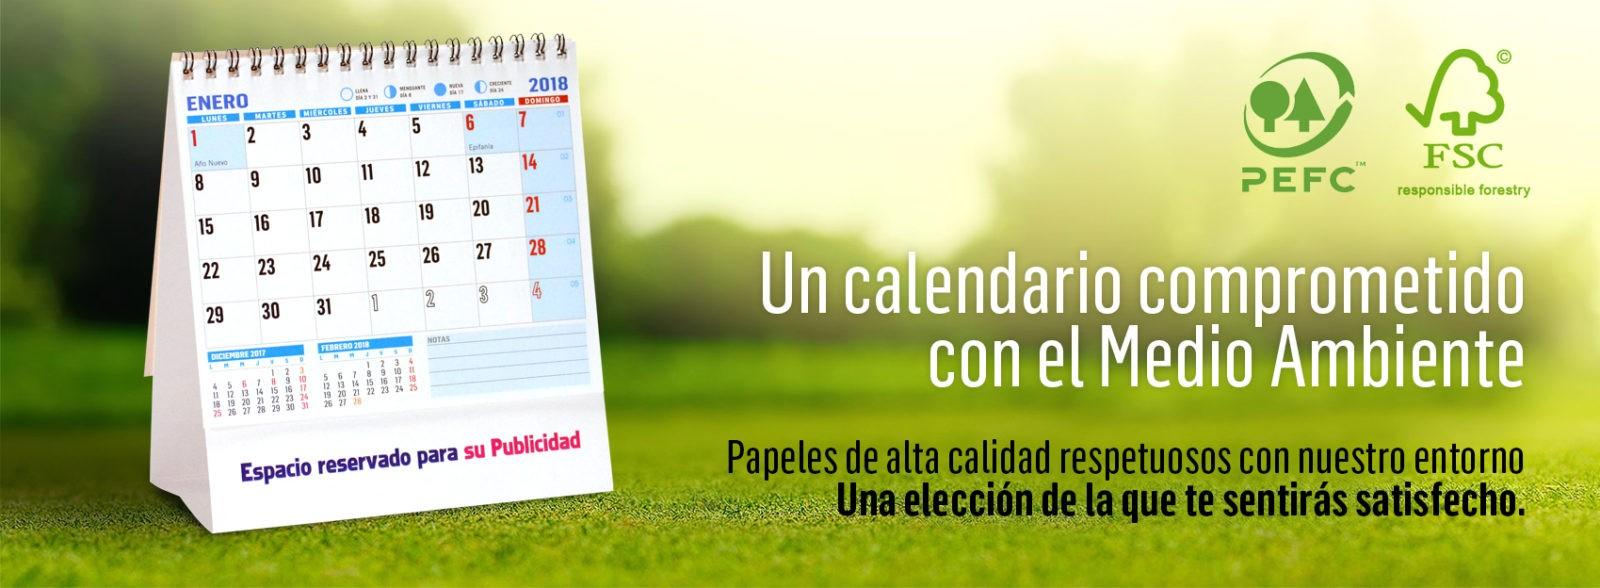 Calendarios comprometidos con el Medio Ambiente